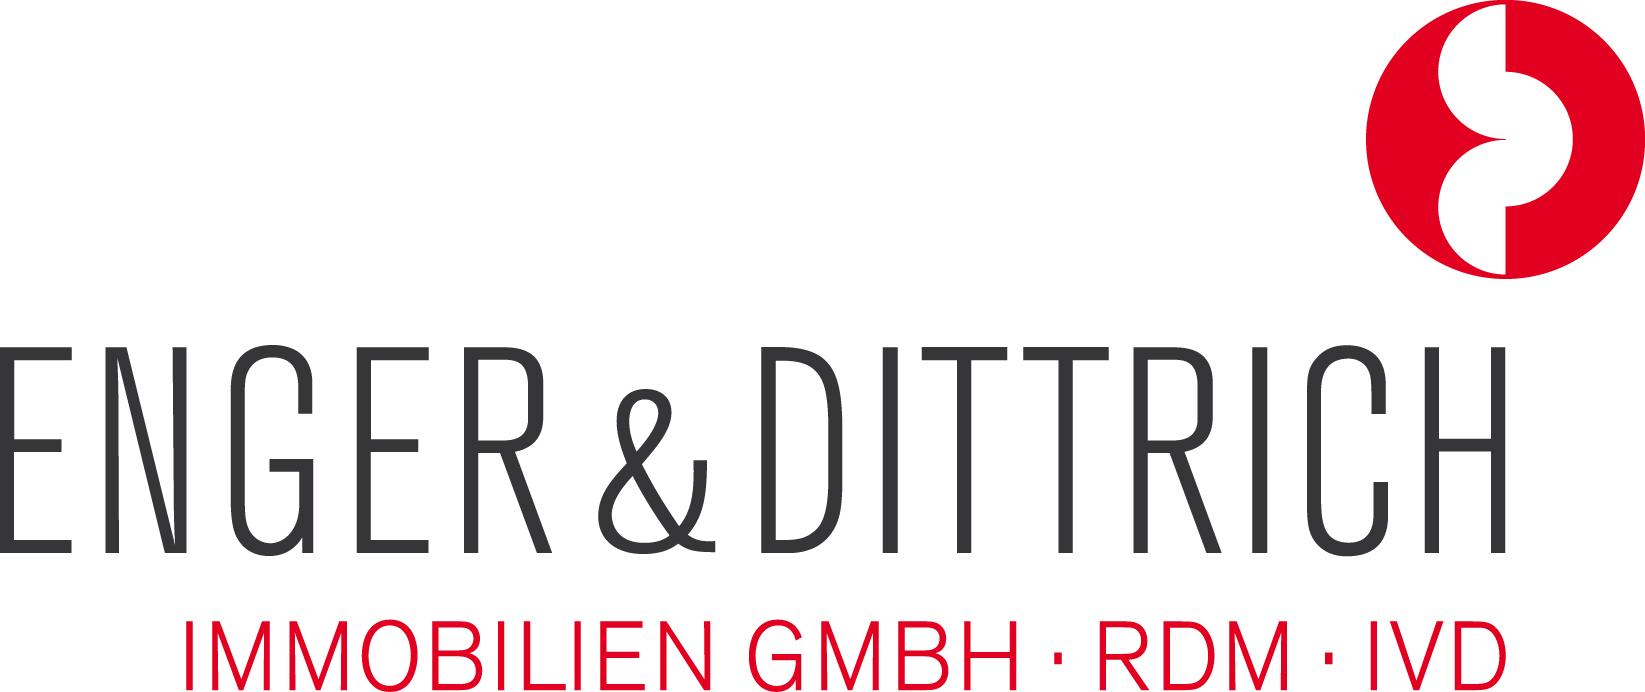 Hier sehen Sie das Logo von Enger & Dittrich Immobilien